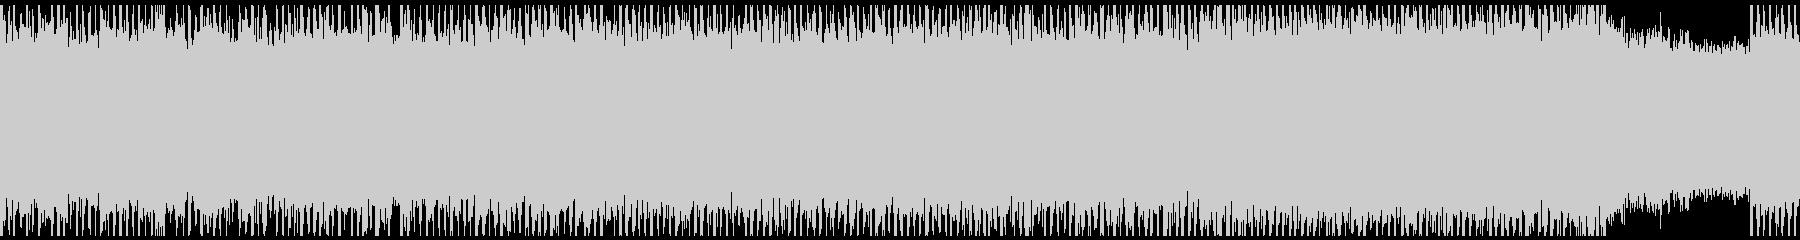 激しいスラッシュメタル ソロ入りの未再生の波形